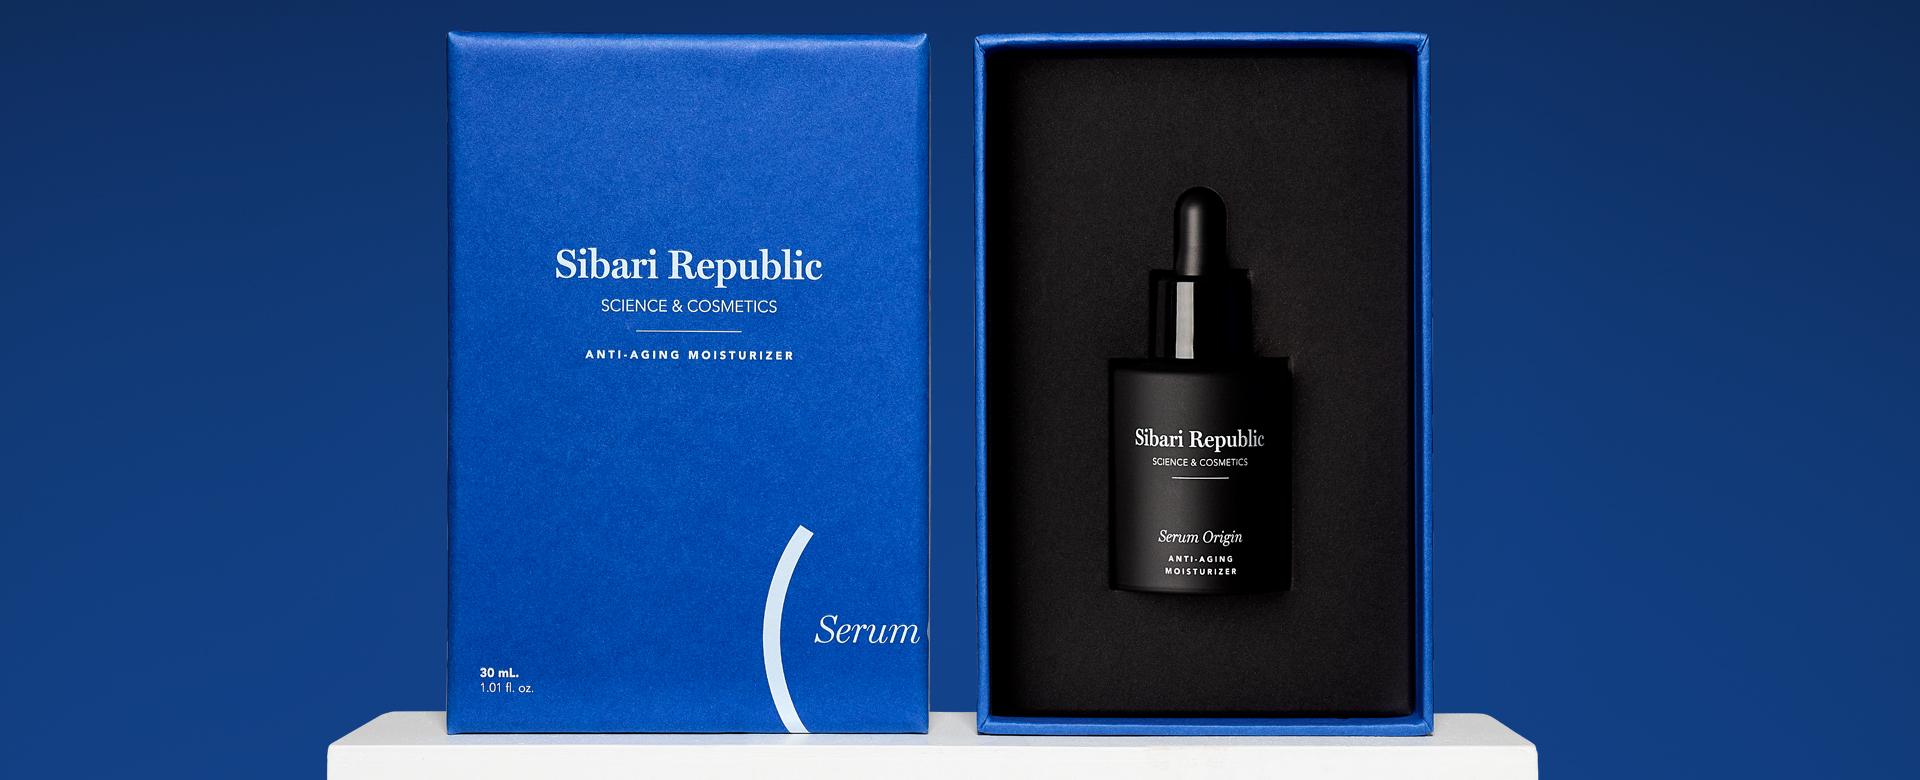 diseño de packaging productos cosméticos